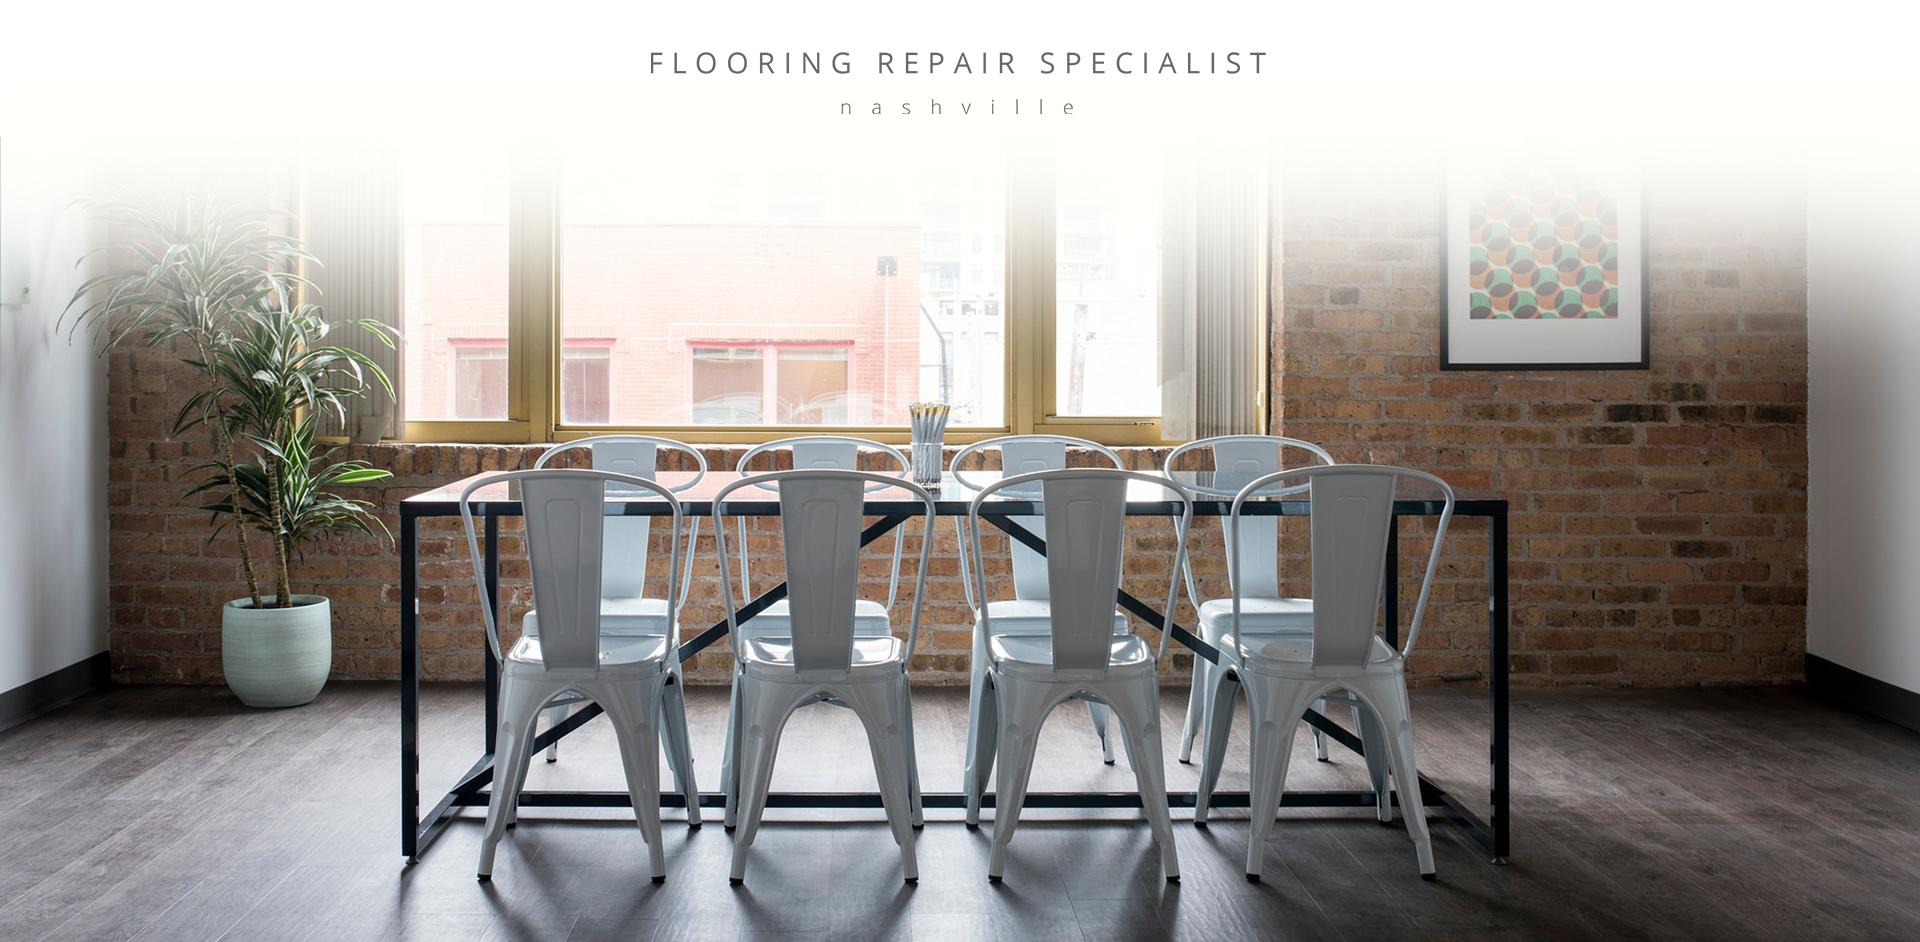 Flooring Repair Specialist